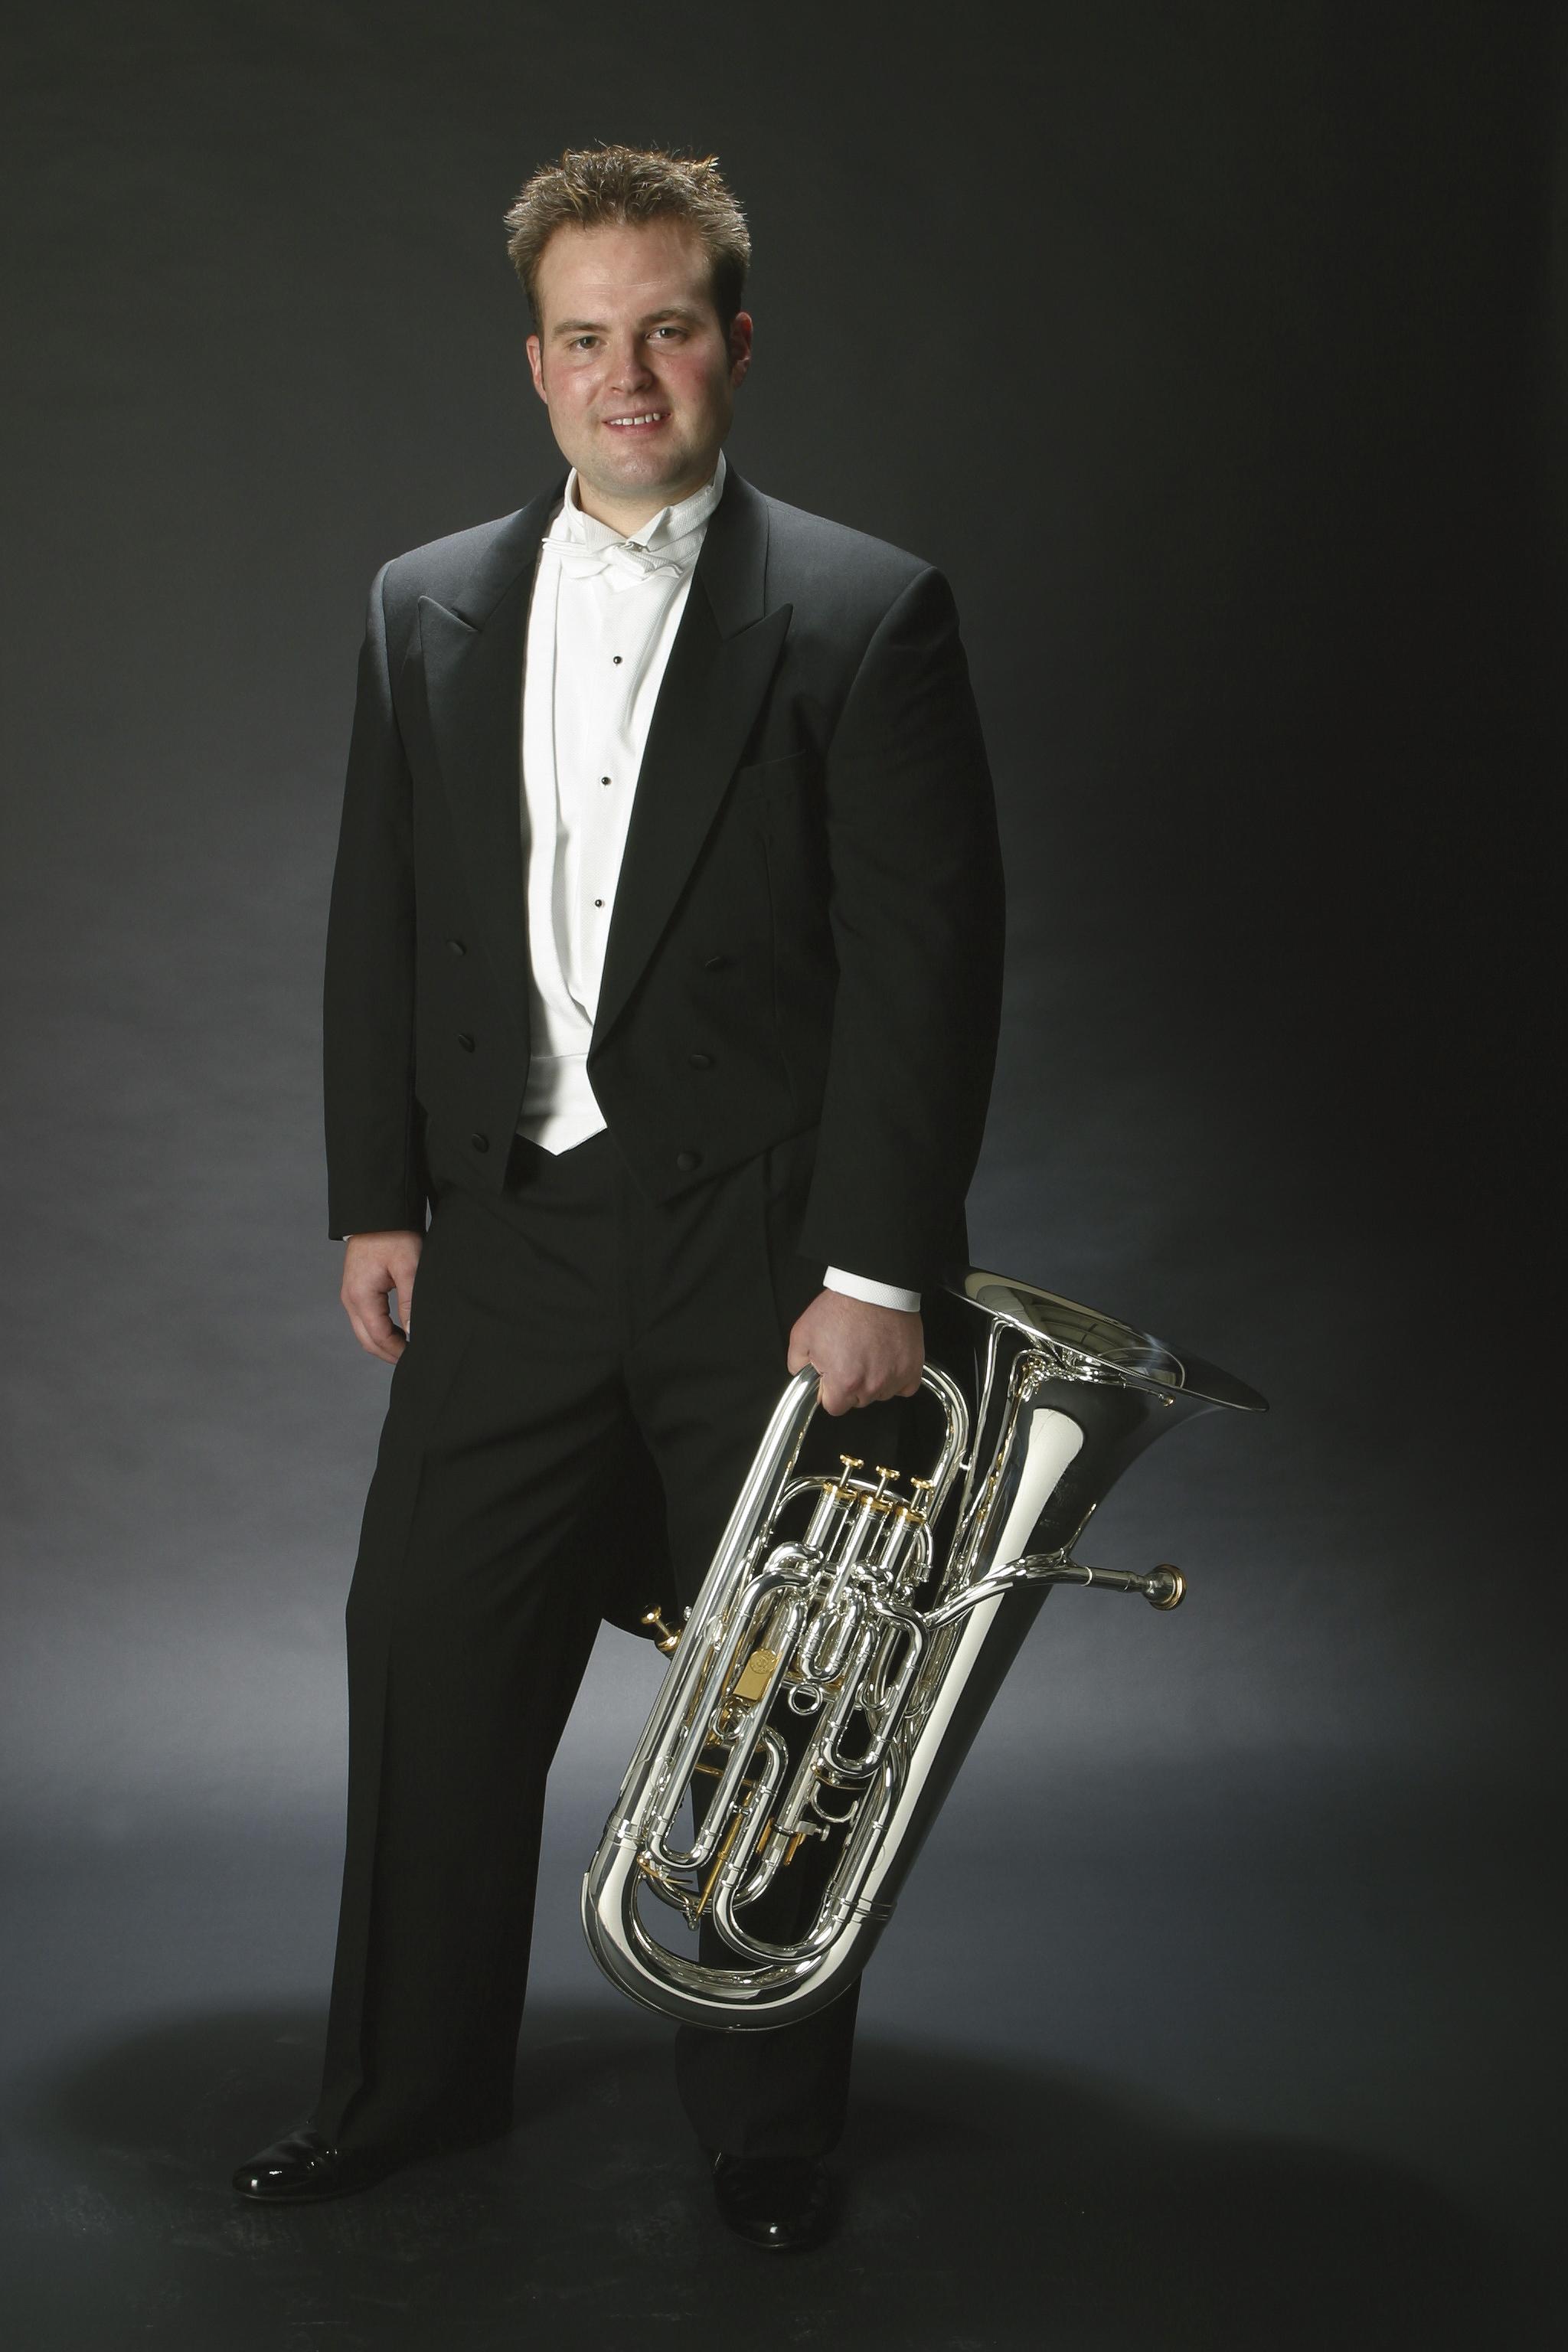 Matthew Van Emmerik